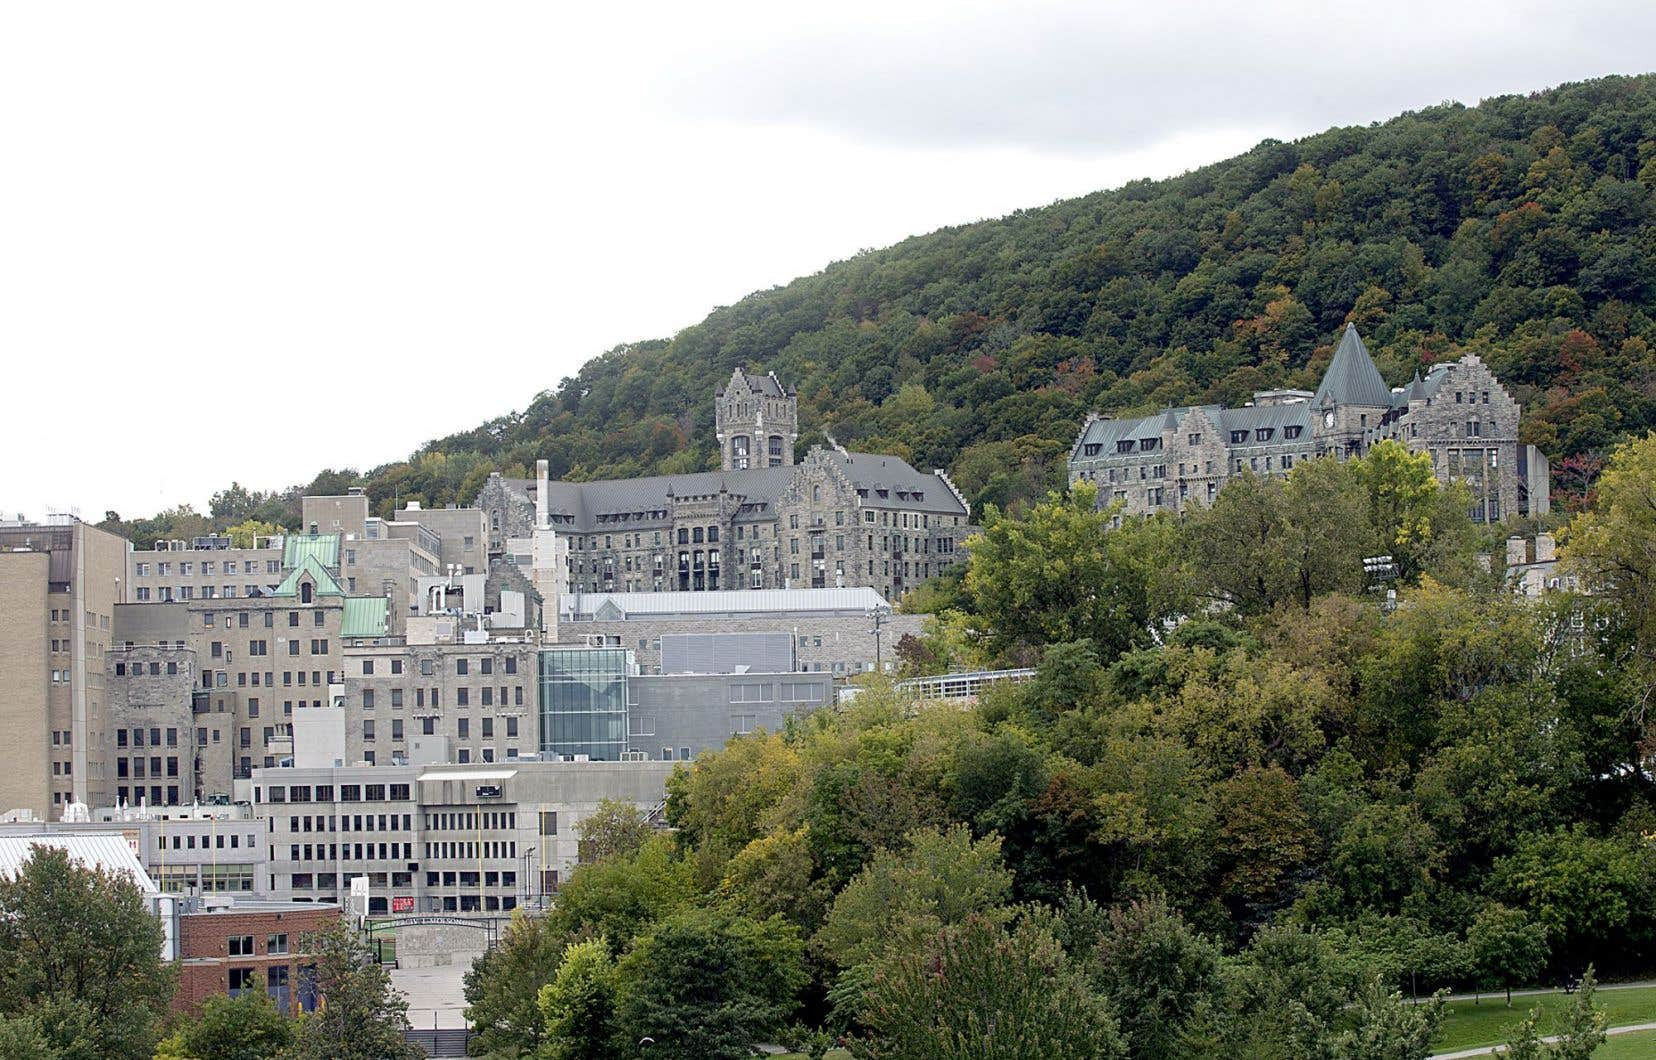 Agrippé au flanc du mont Royal, le Royal Victoria, après conversion, devra respecter les règles spécifiques de ce secteur protégé. Pour le moment, l'Université McGill est la seule intéressée.